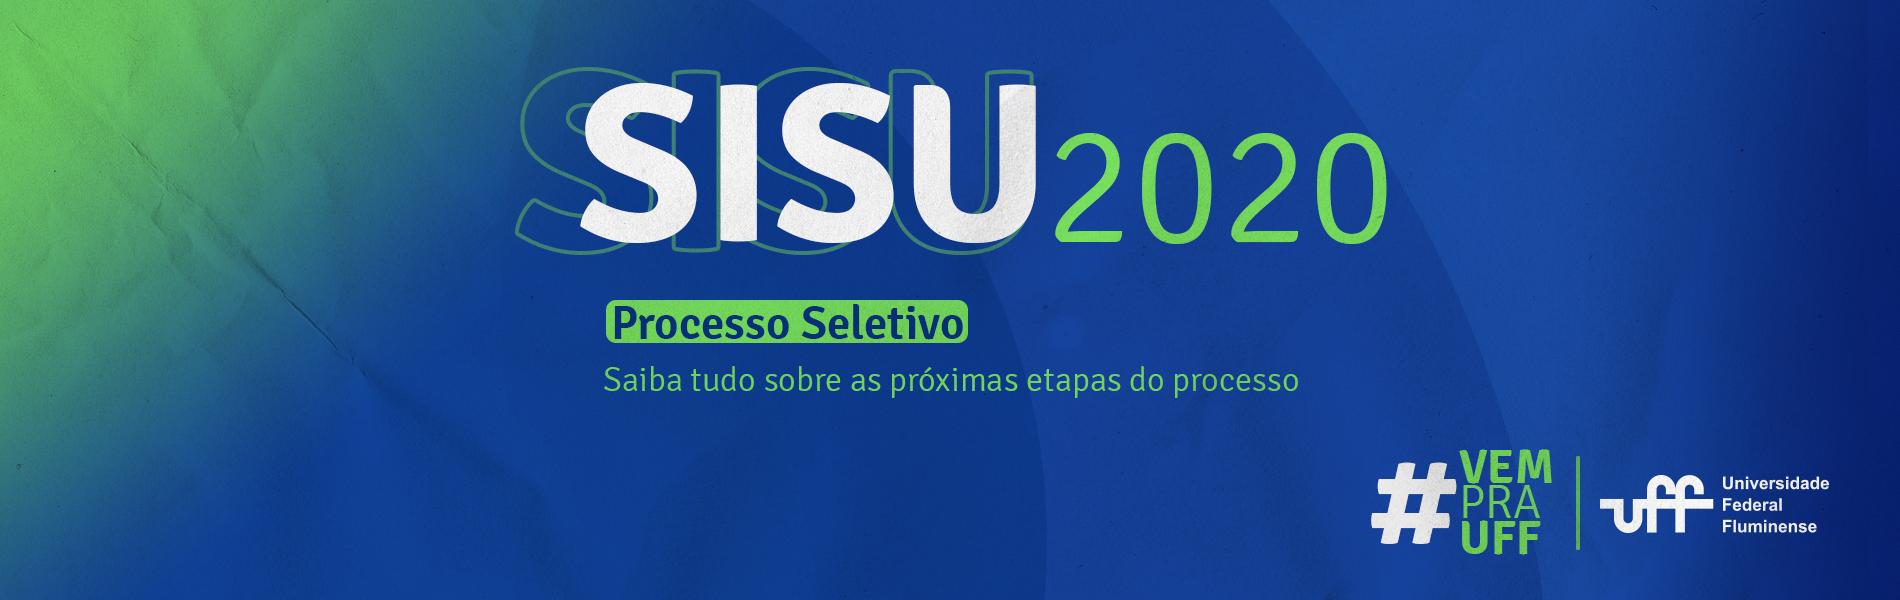 fundo azul e verde com informações sobre o sisu 2020